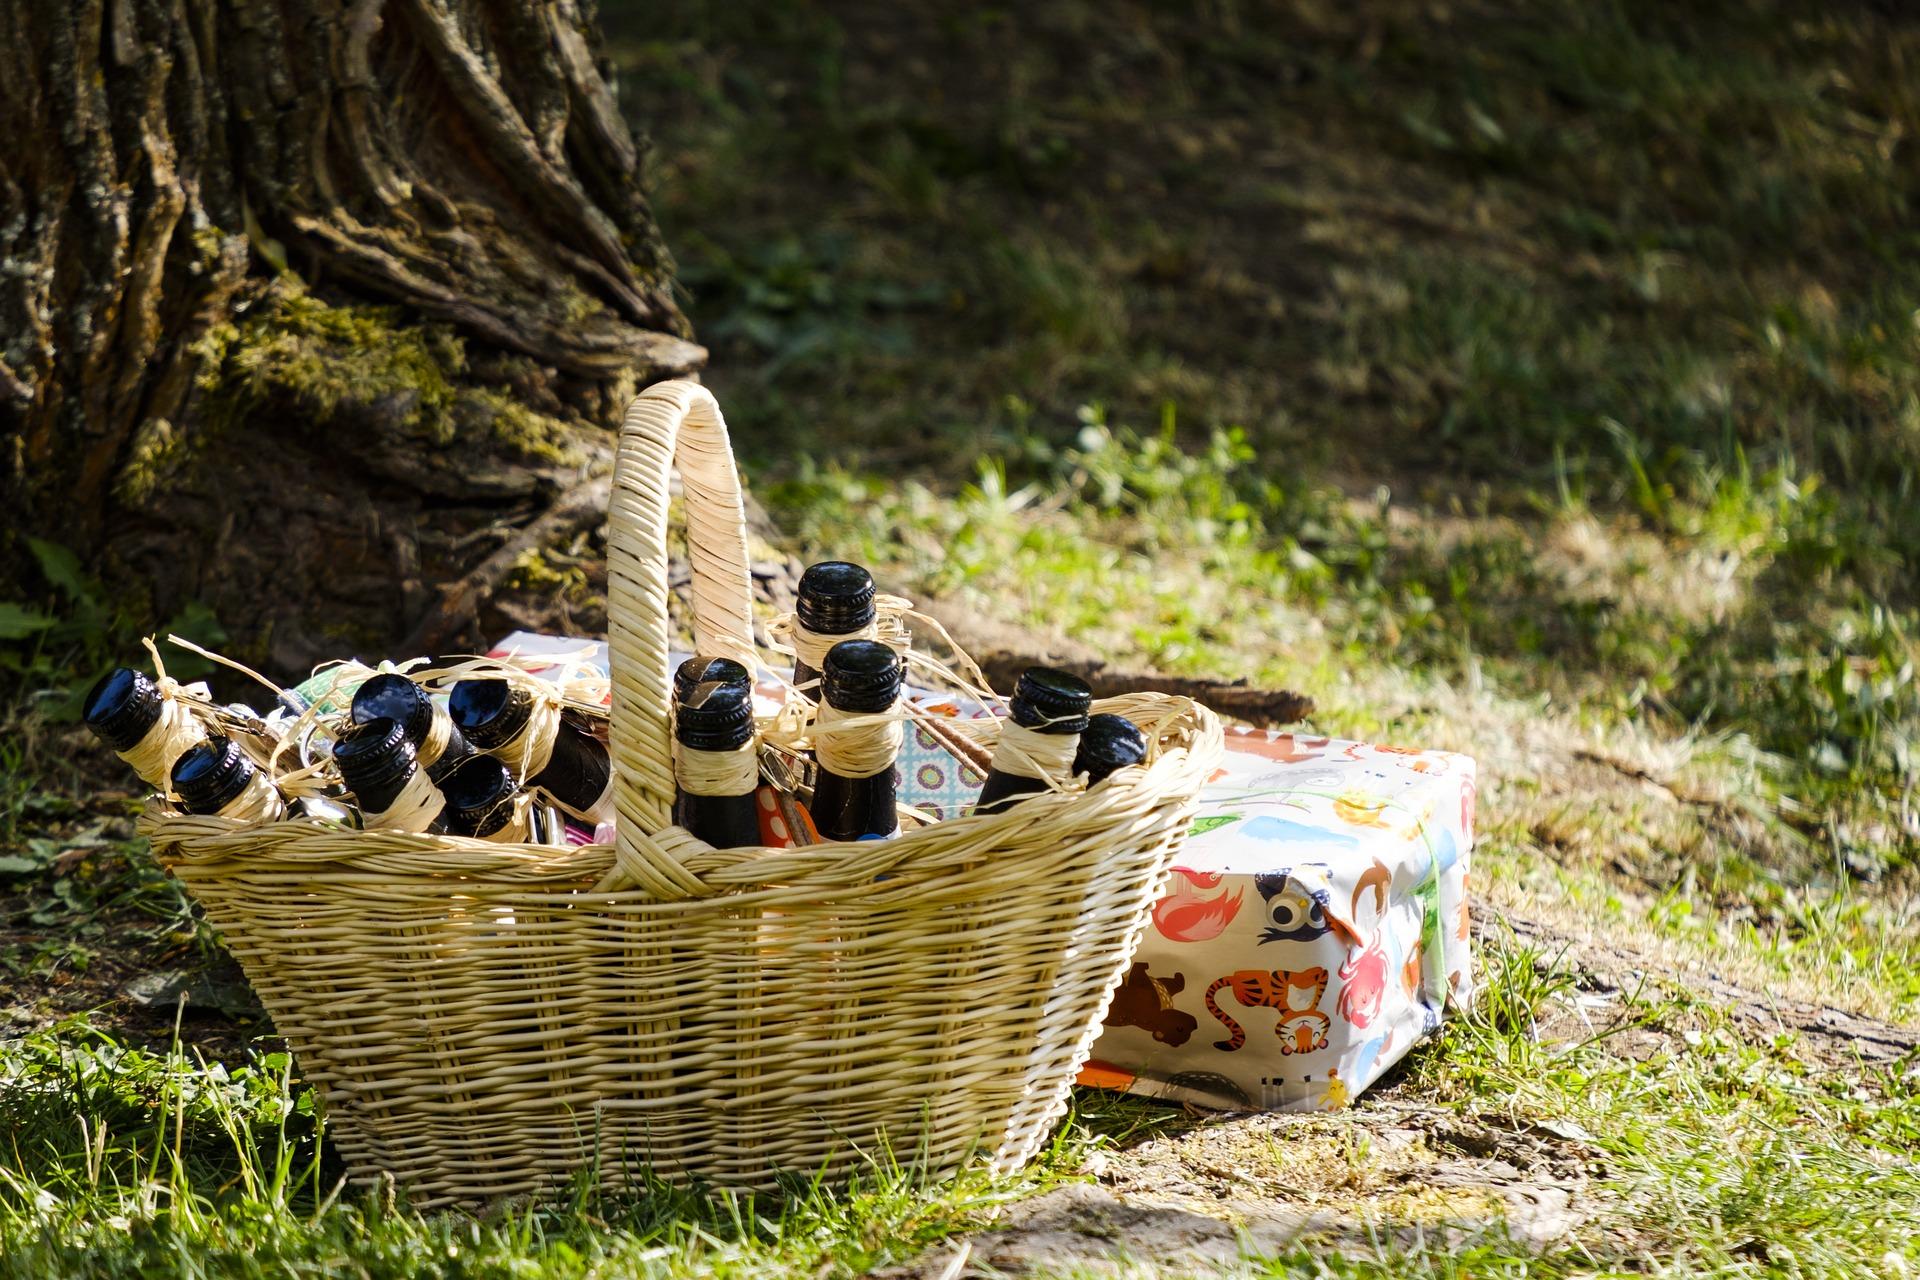 bottles-3551460_1920